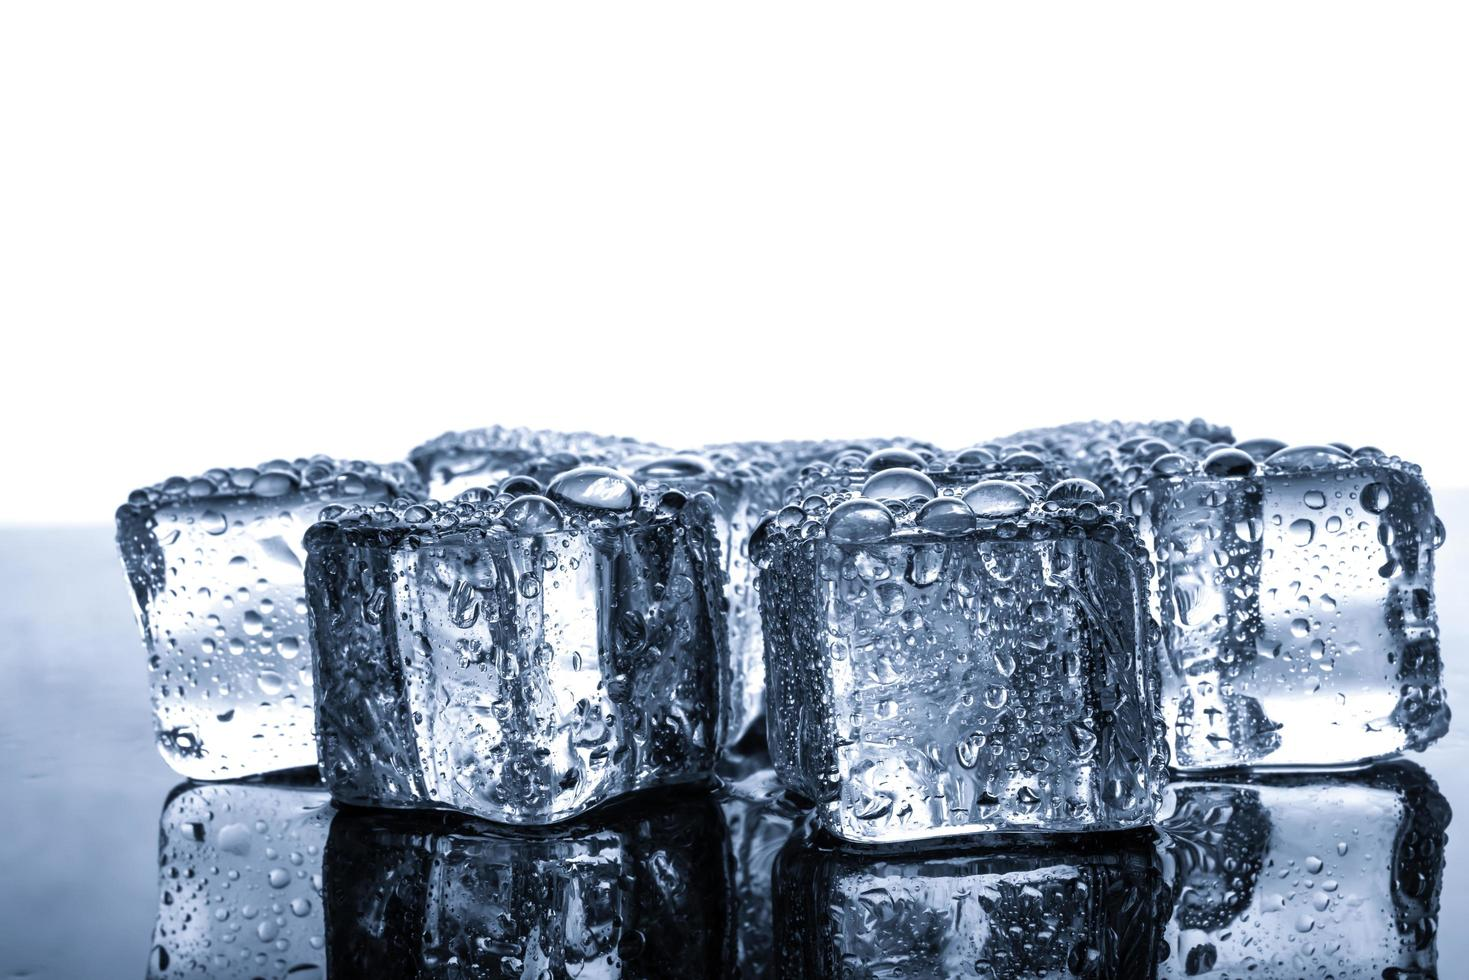 cubitos de hielo con gotas de agua foto